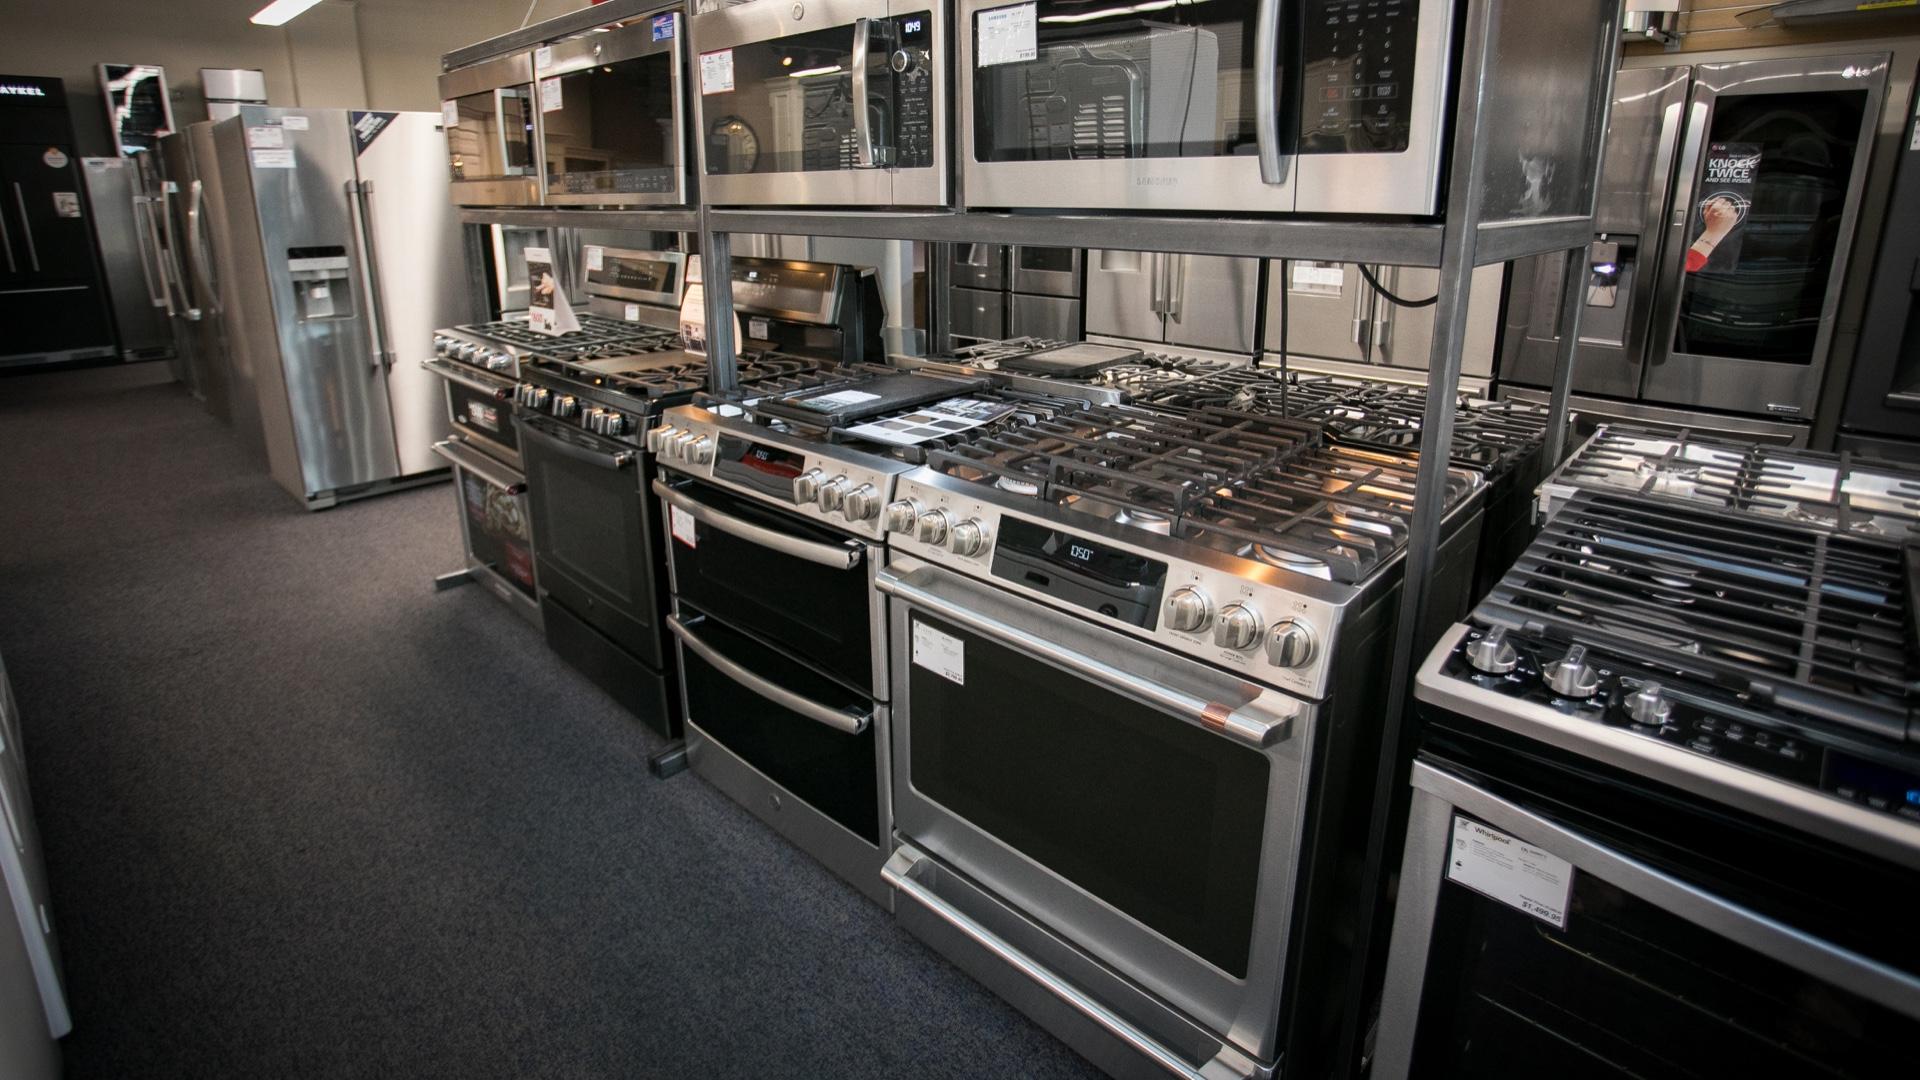 Barrys Appliances 18